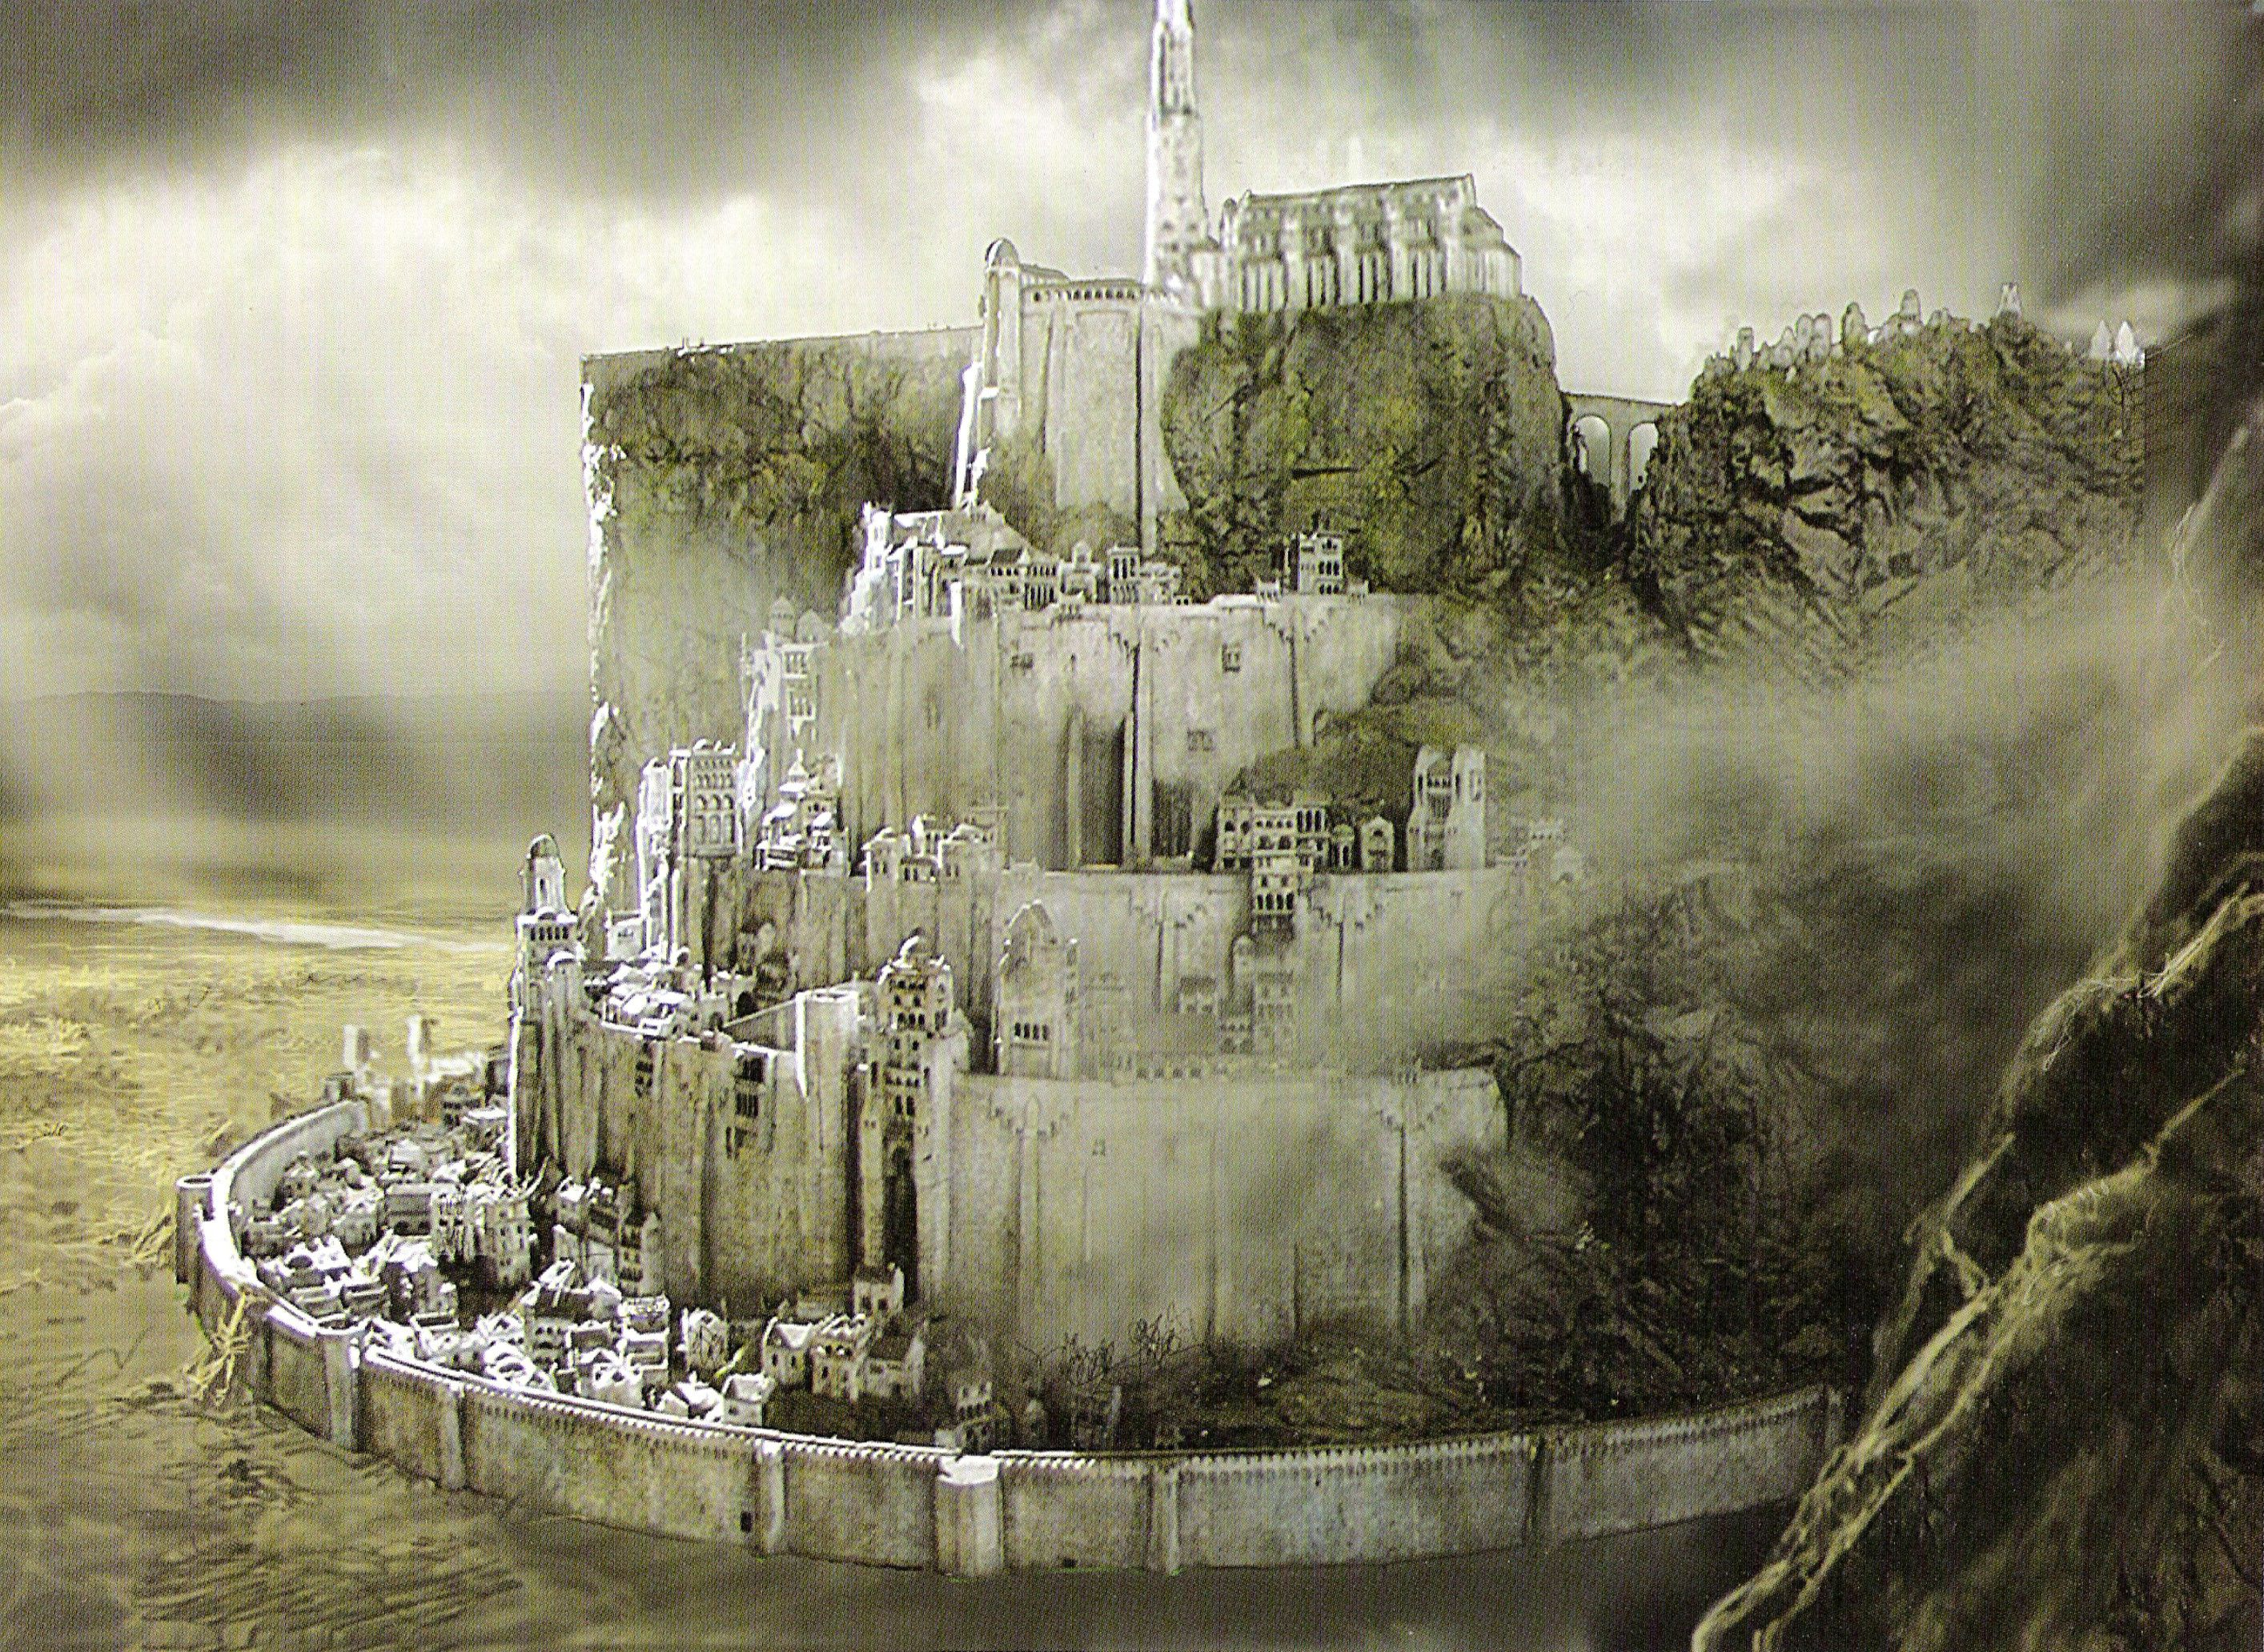 картинки сторожевой башни авансу средиземья пока окном снег